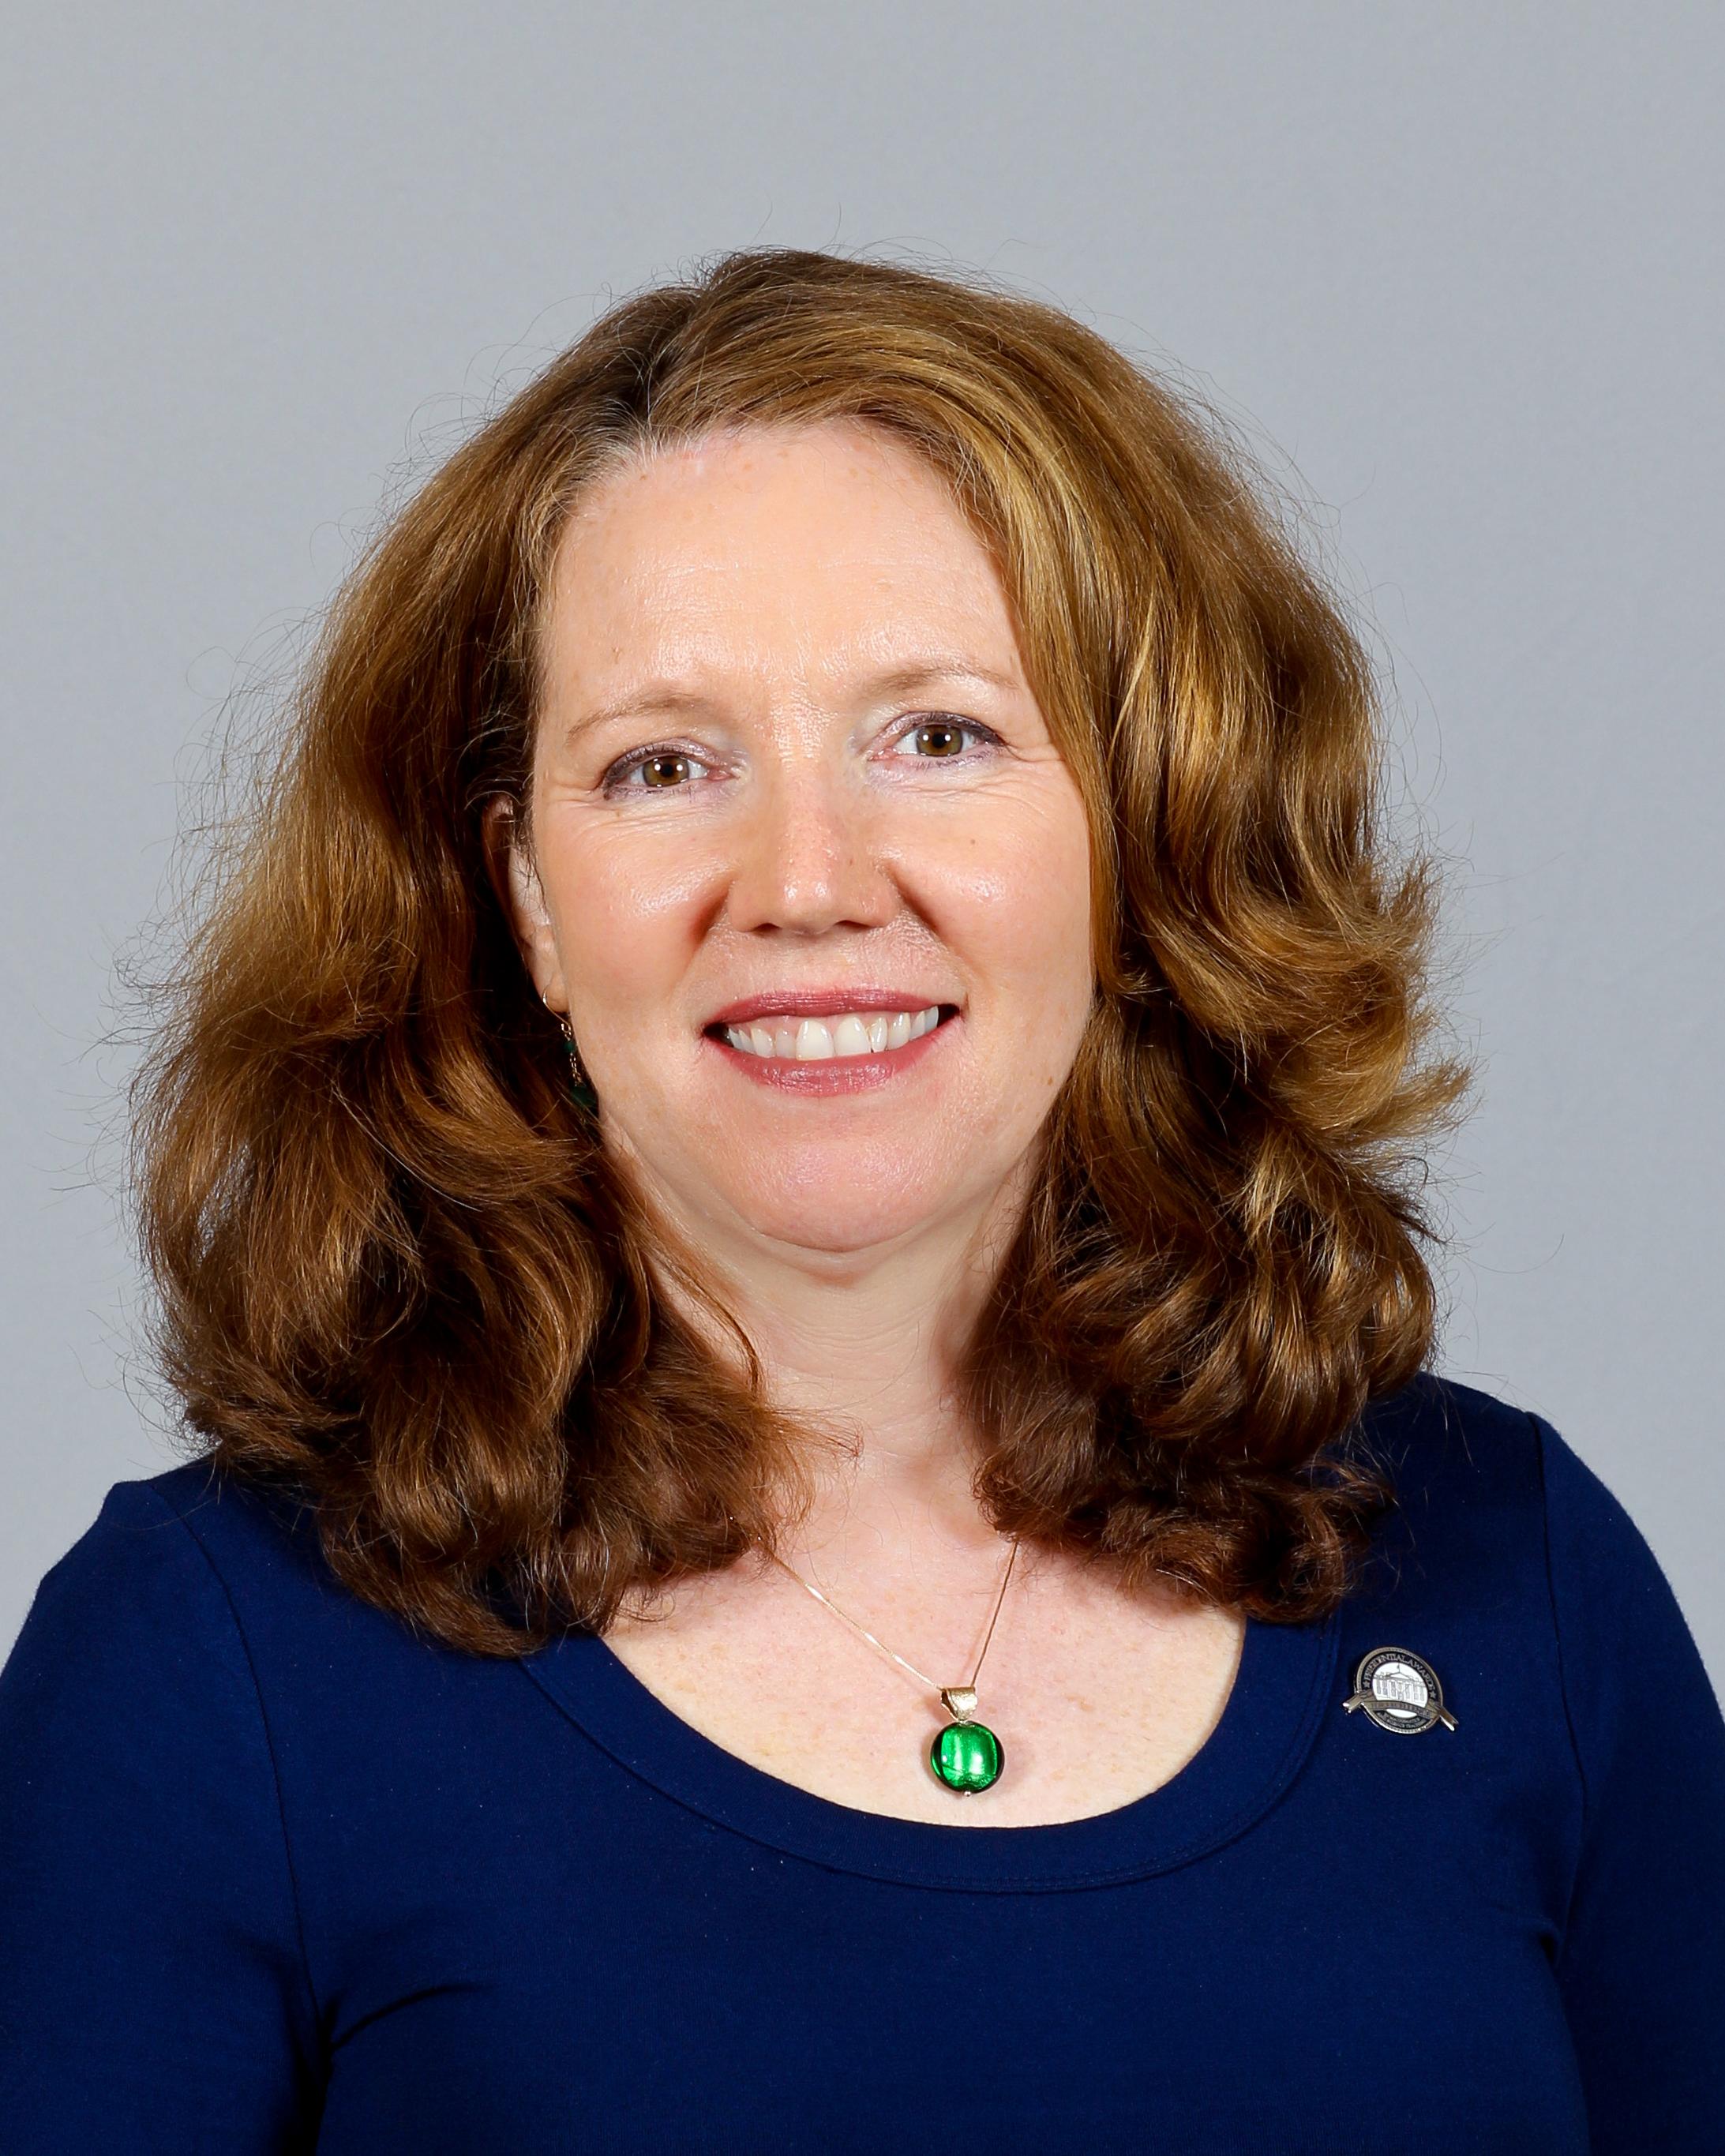 Laura Botte Fretz Portrait Photo